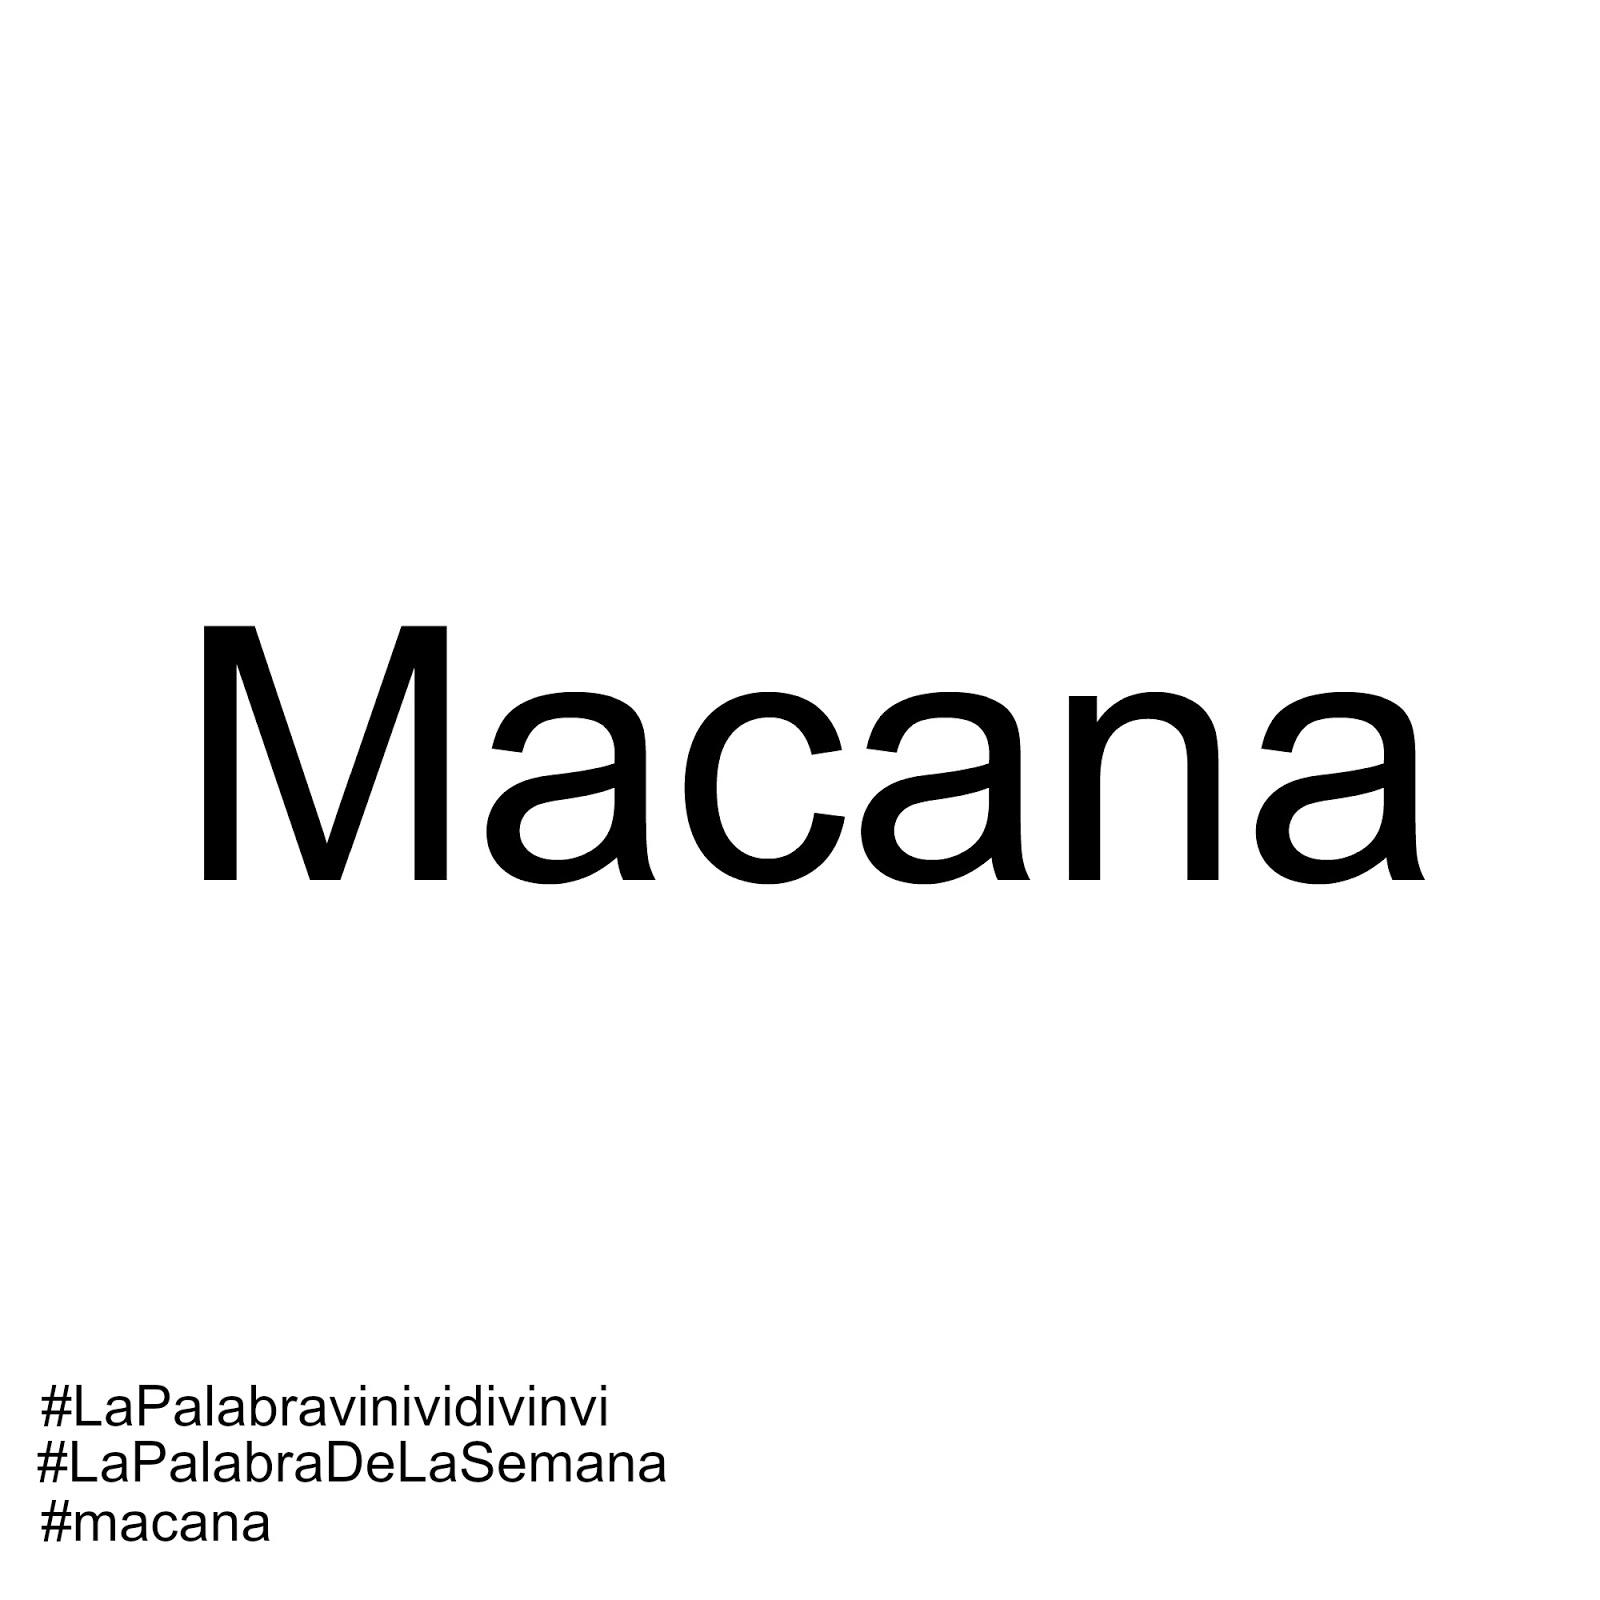 #LaPalabraDeLaSemana #LaPalabravinividivinvi #macana